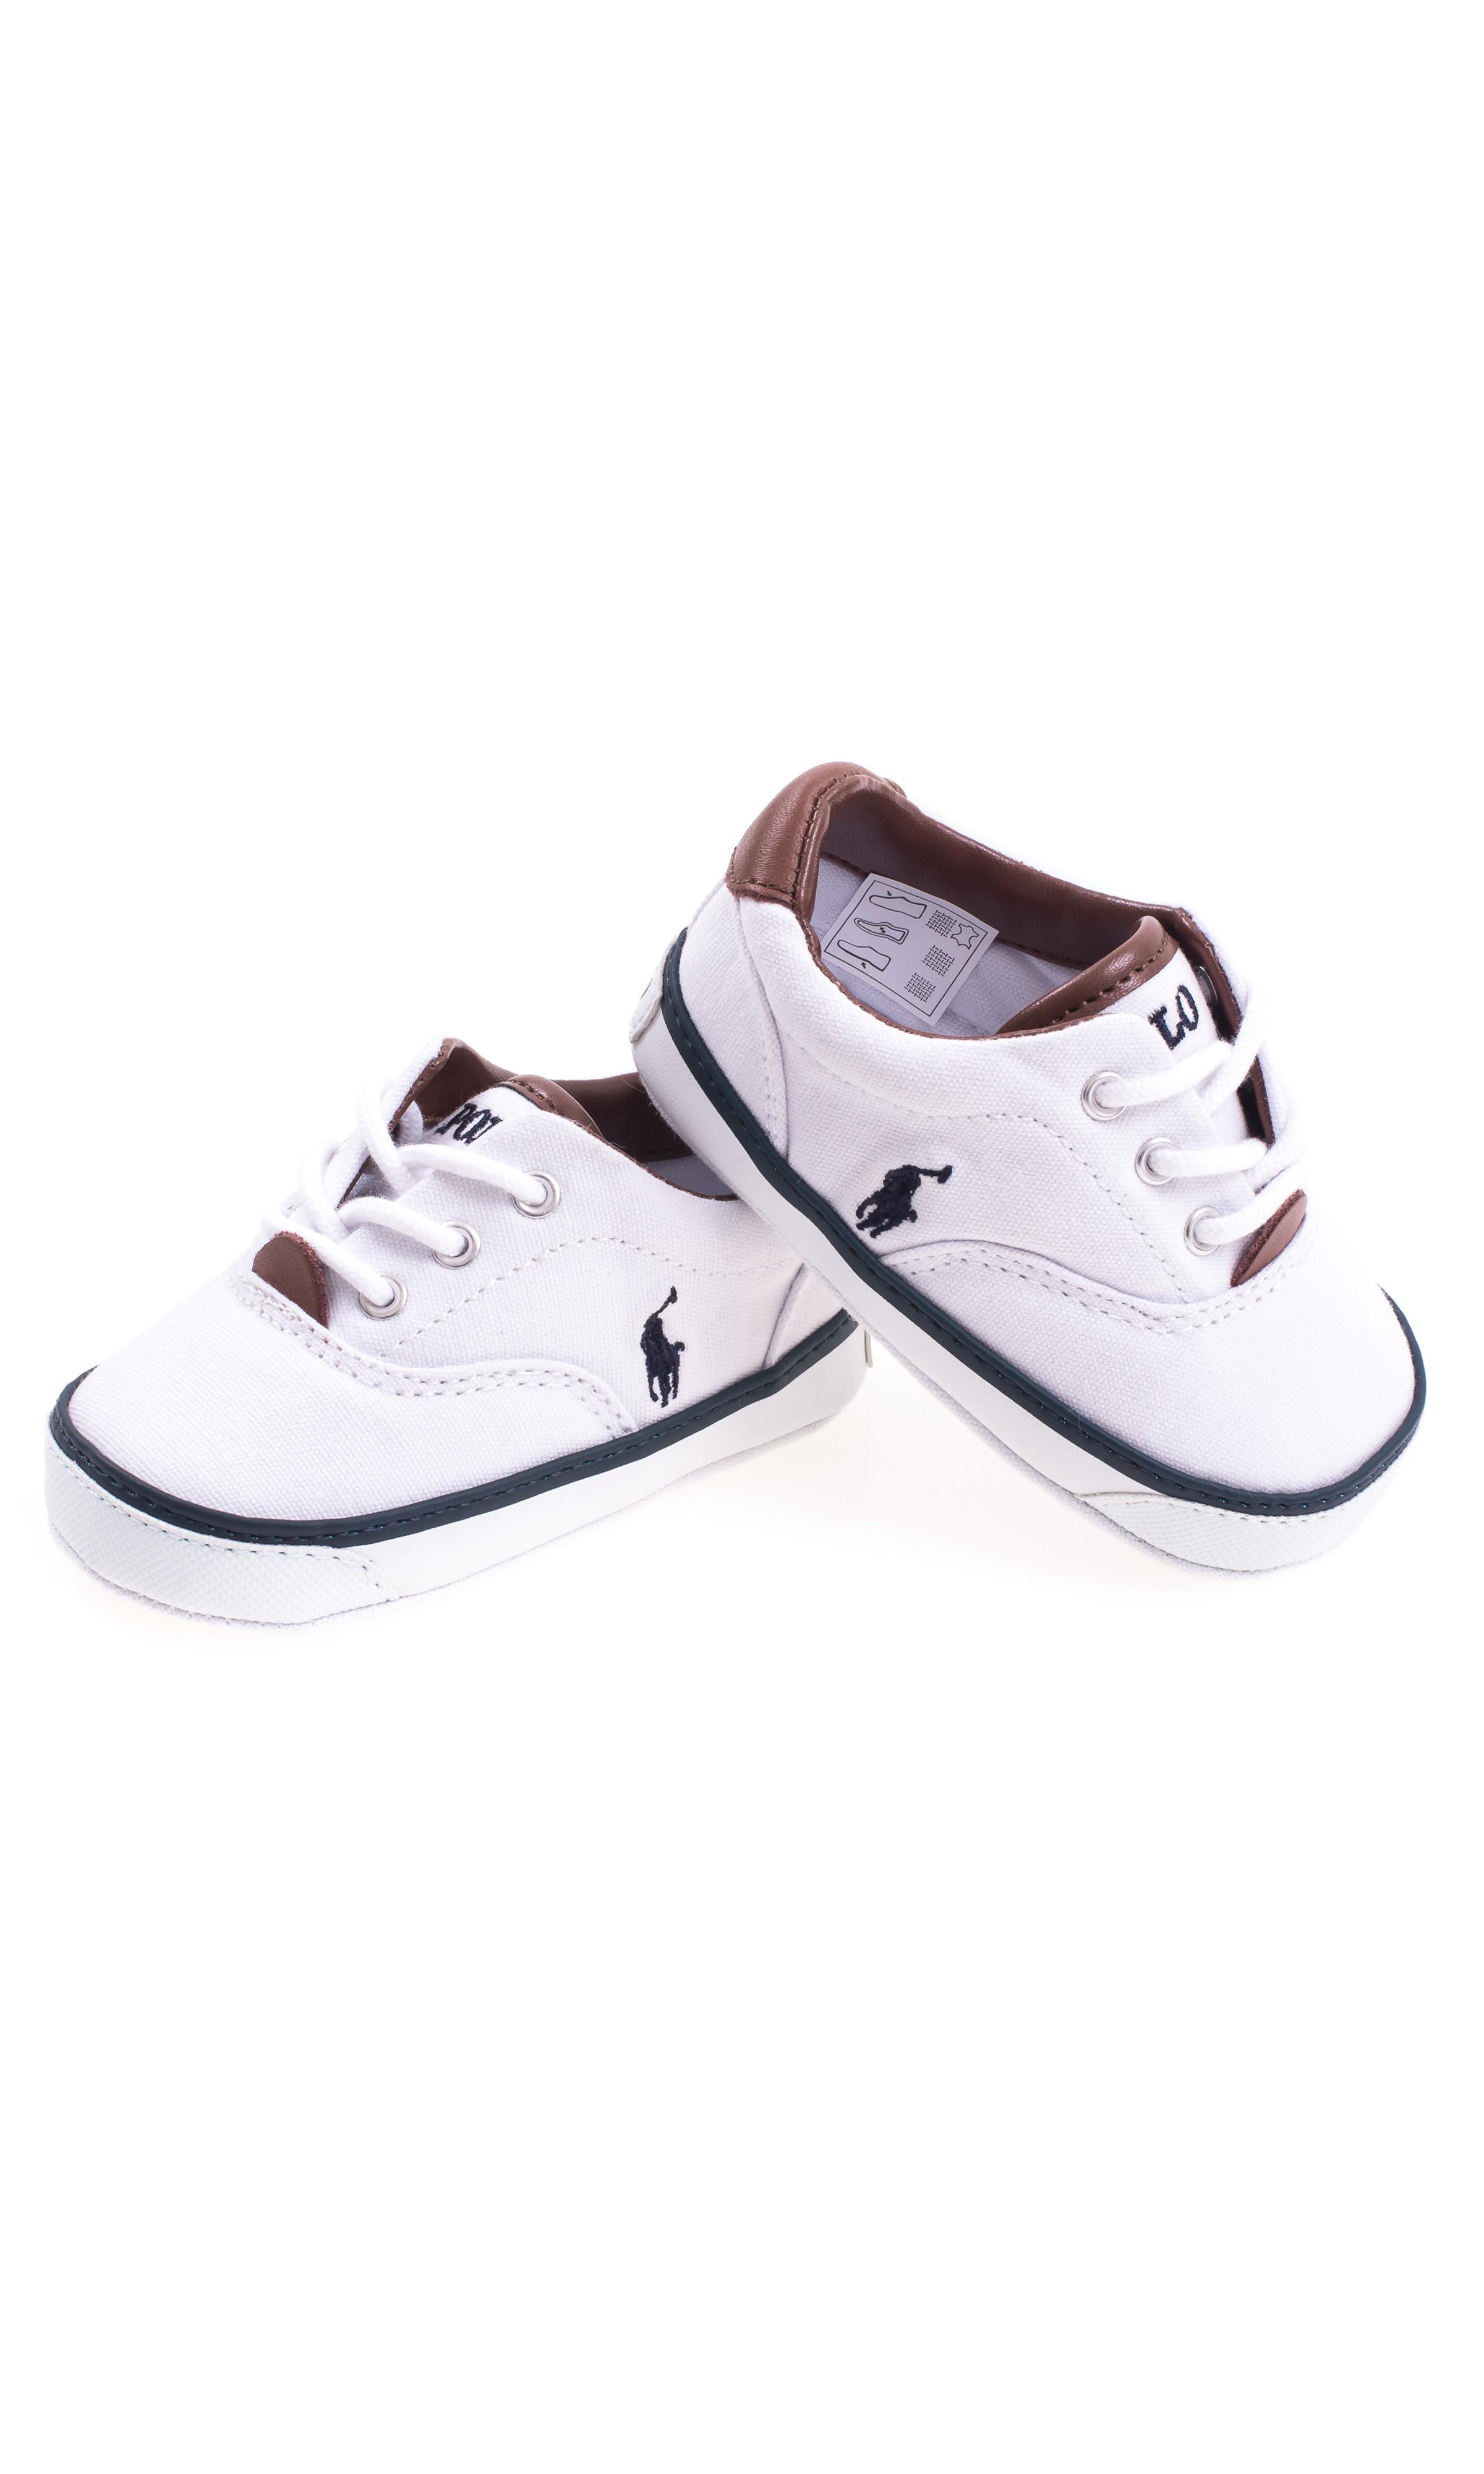 Ralph Lauren Infant Girl Shoes